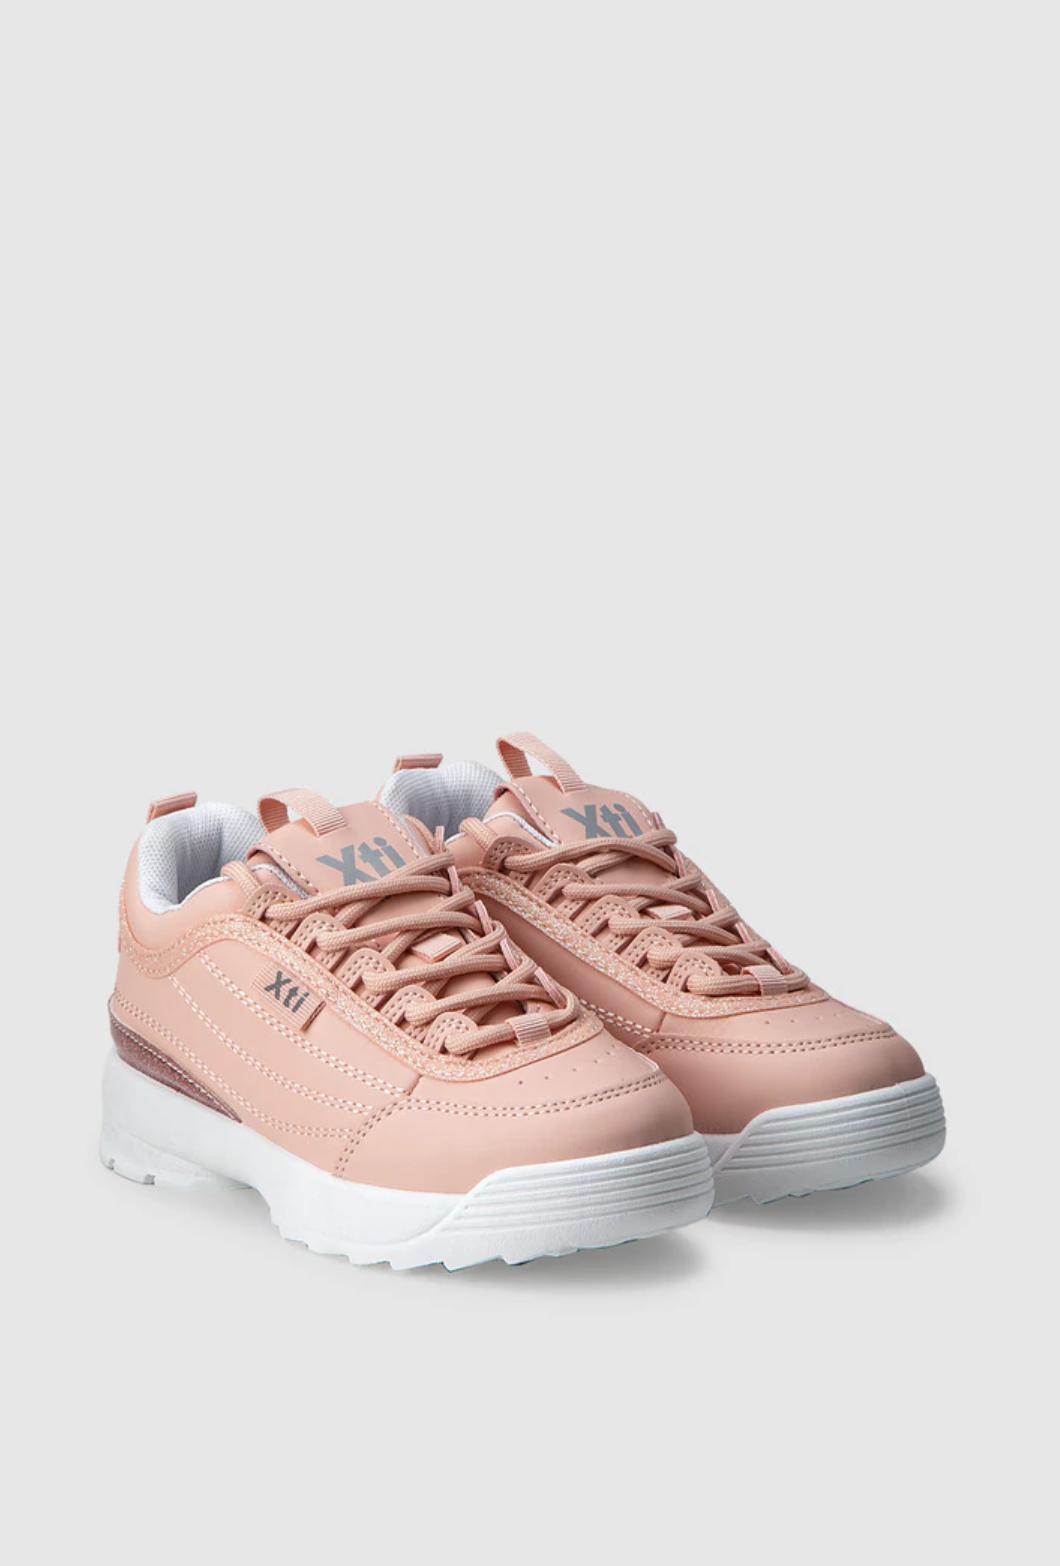 Zapatillas deportivas de niña Xti de color rosa con cordones